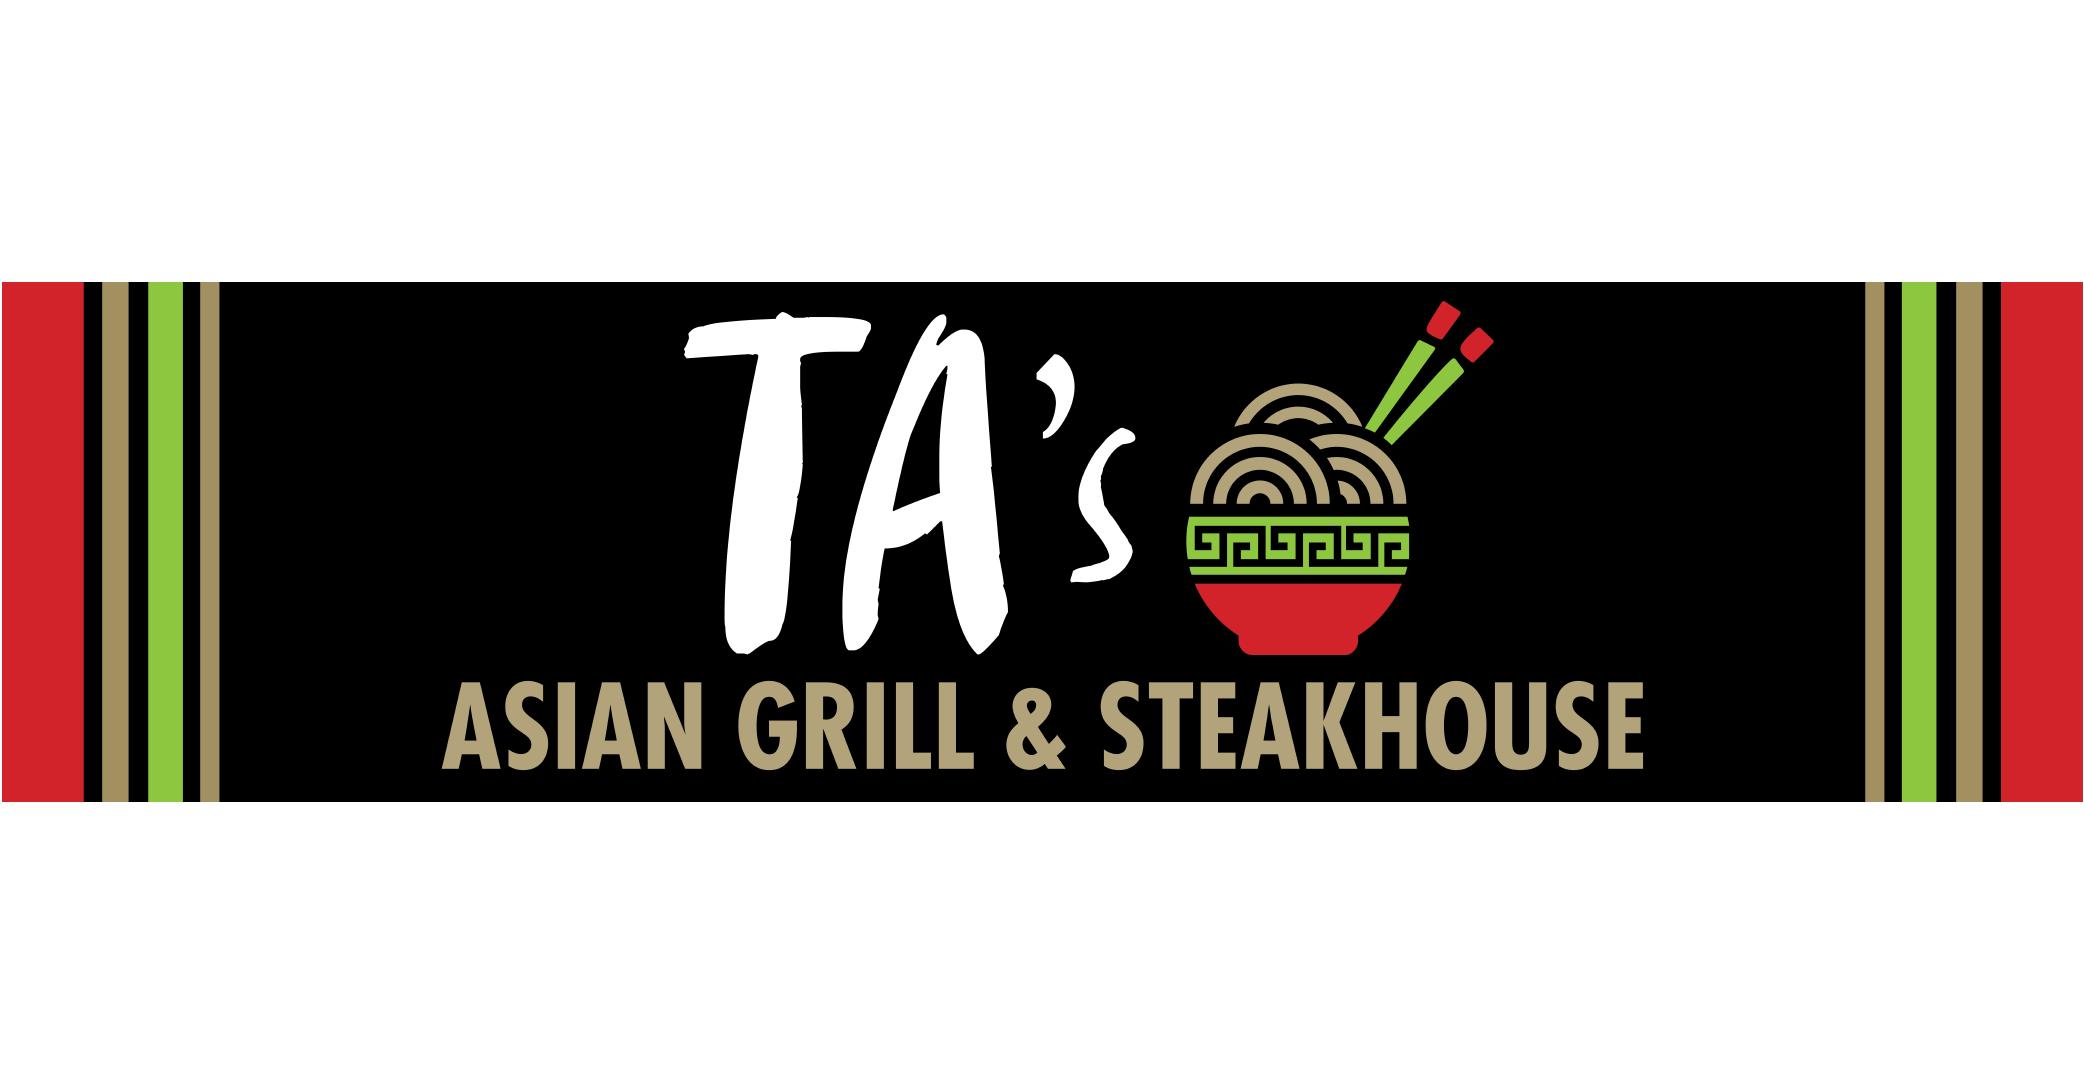 TA's Asian Grill